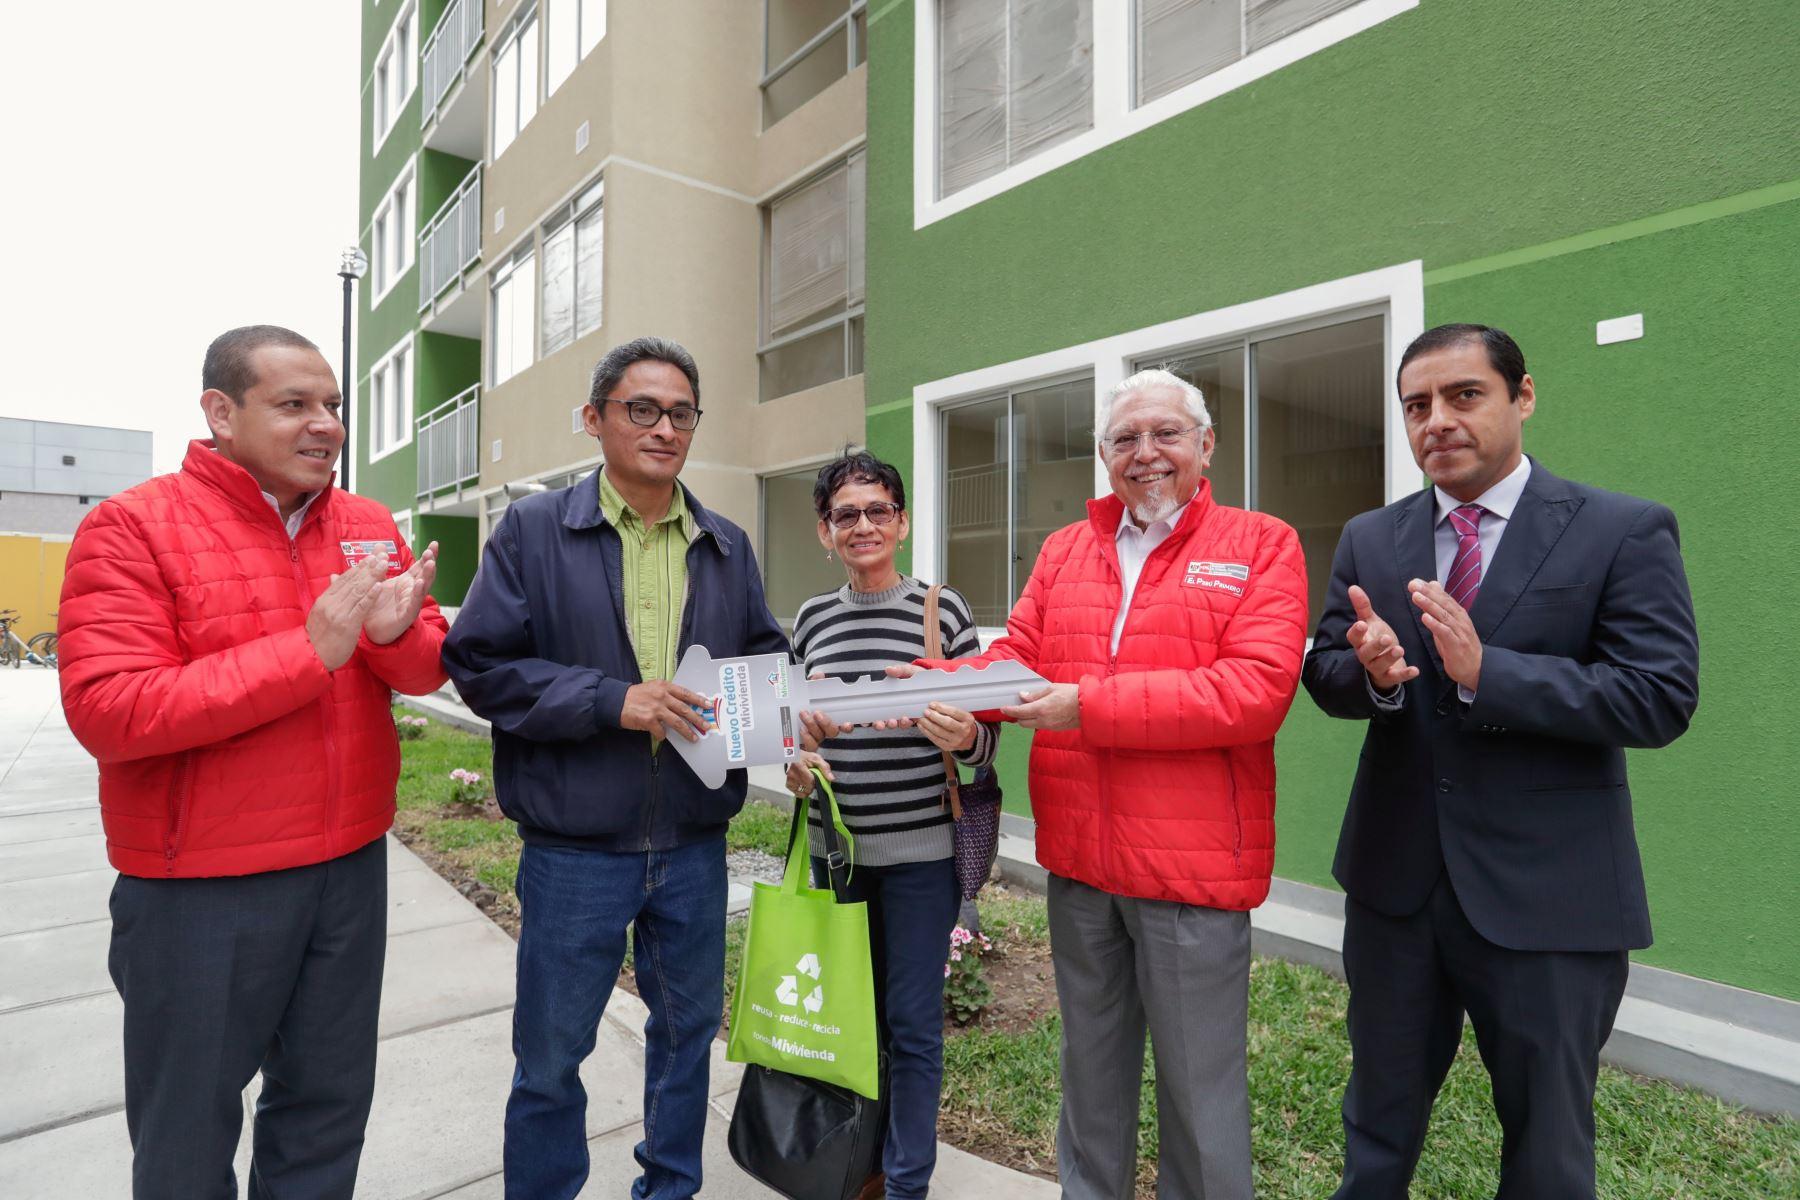 Ministro de Vivienda, Construcción y Saneamiento, Javier Piqué, entrega llave de departamento a beneficiario en el Callao. ANDINA/Difusión